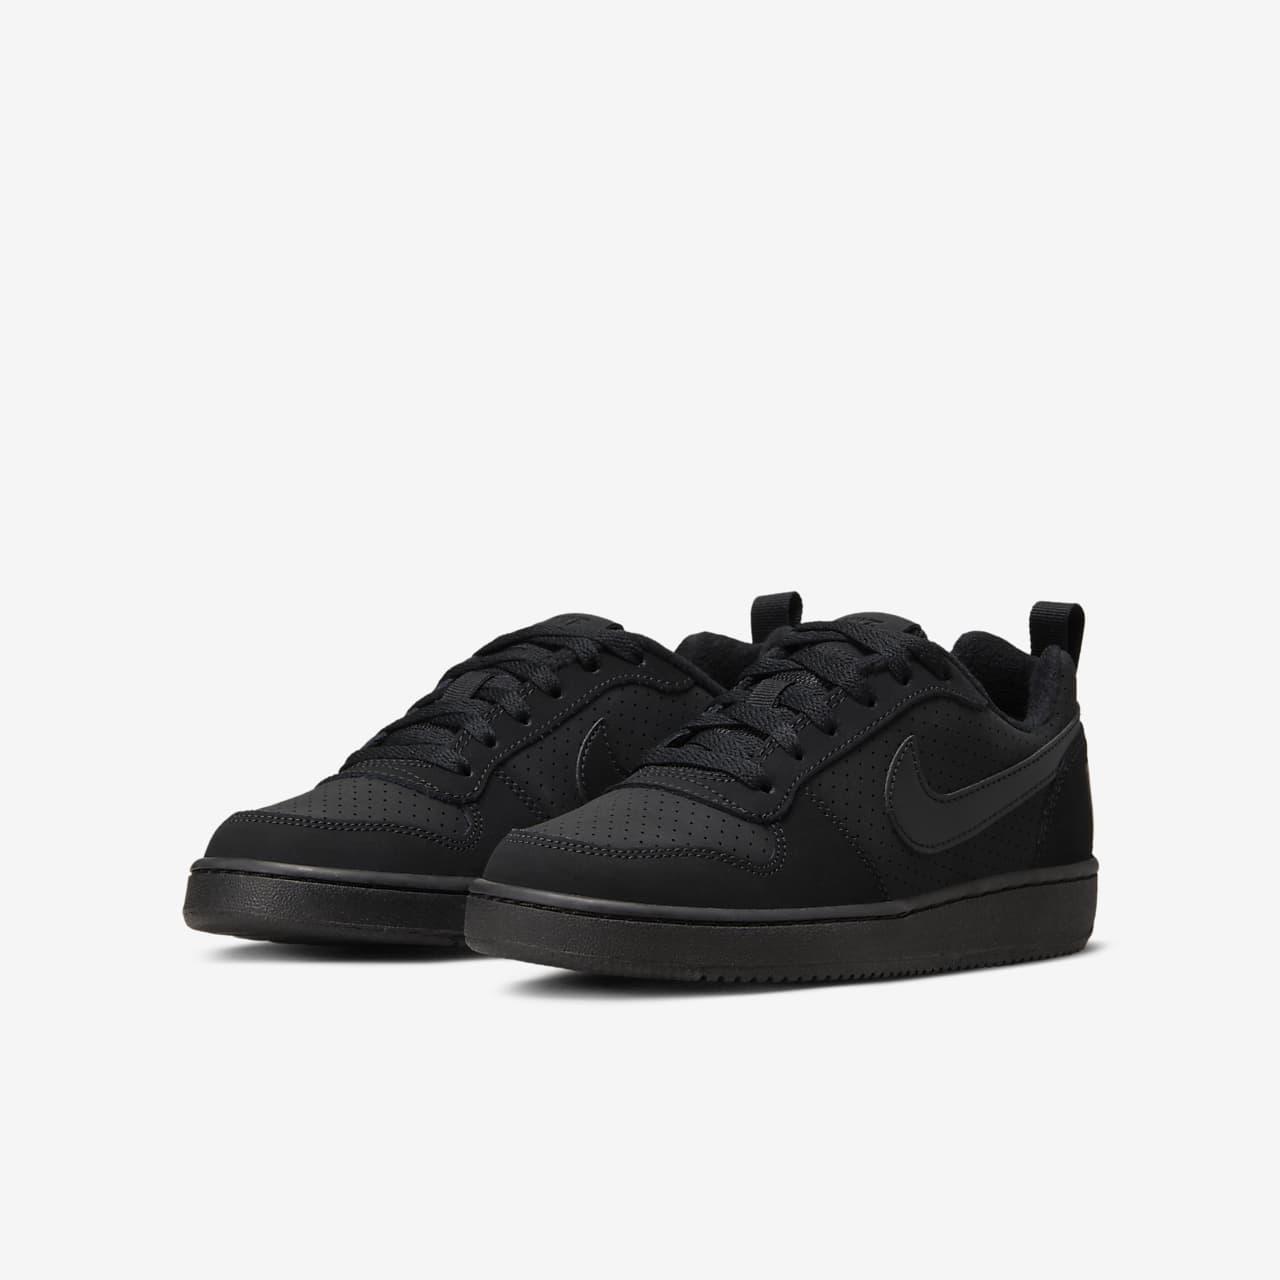 mayor selección de 2019 nuevo estilo y lujo original de costura caliente NikeCourt Borough Low Older Kids' Shoe. Nike NZ